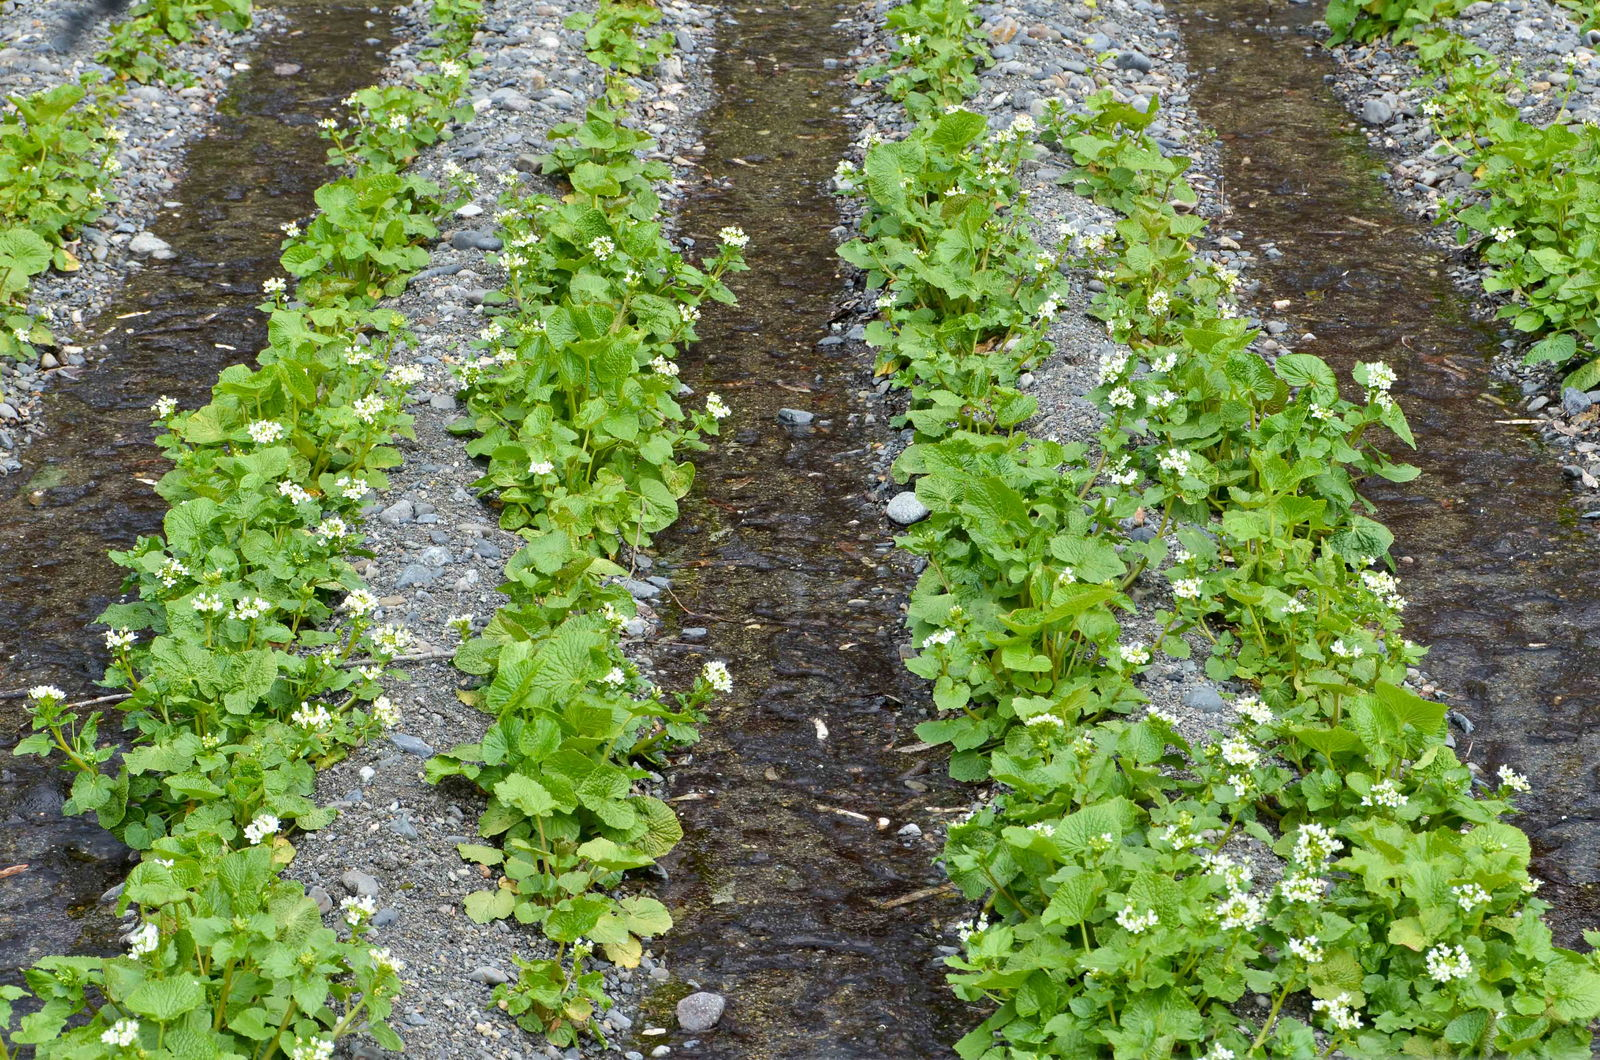 Wasabi Herkunft und Anbau des japanischen Meerrettichs  Plantura # Wasbak Aarden_203005